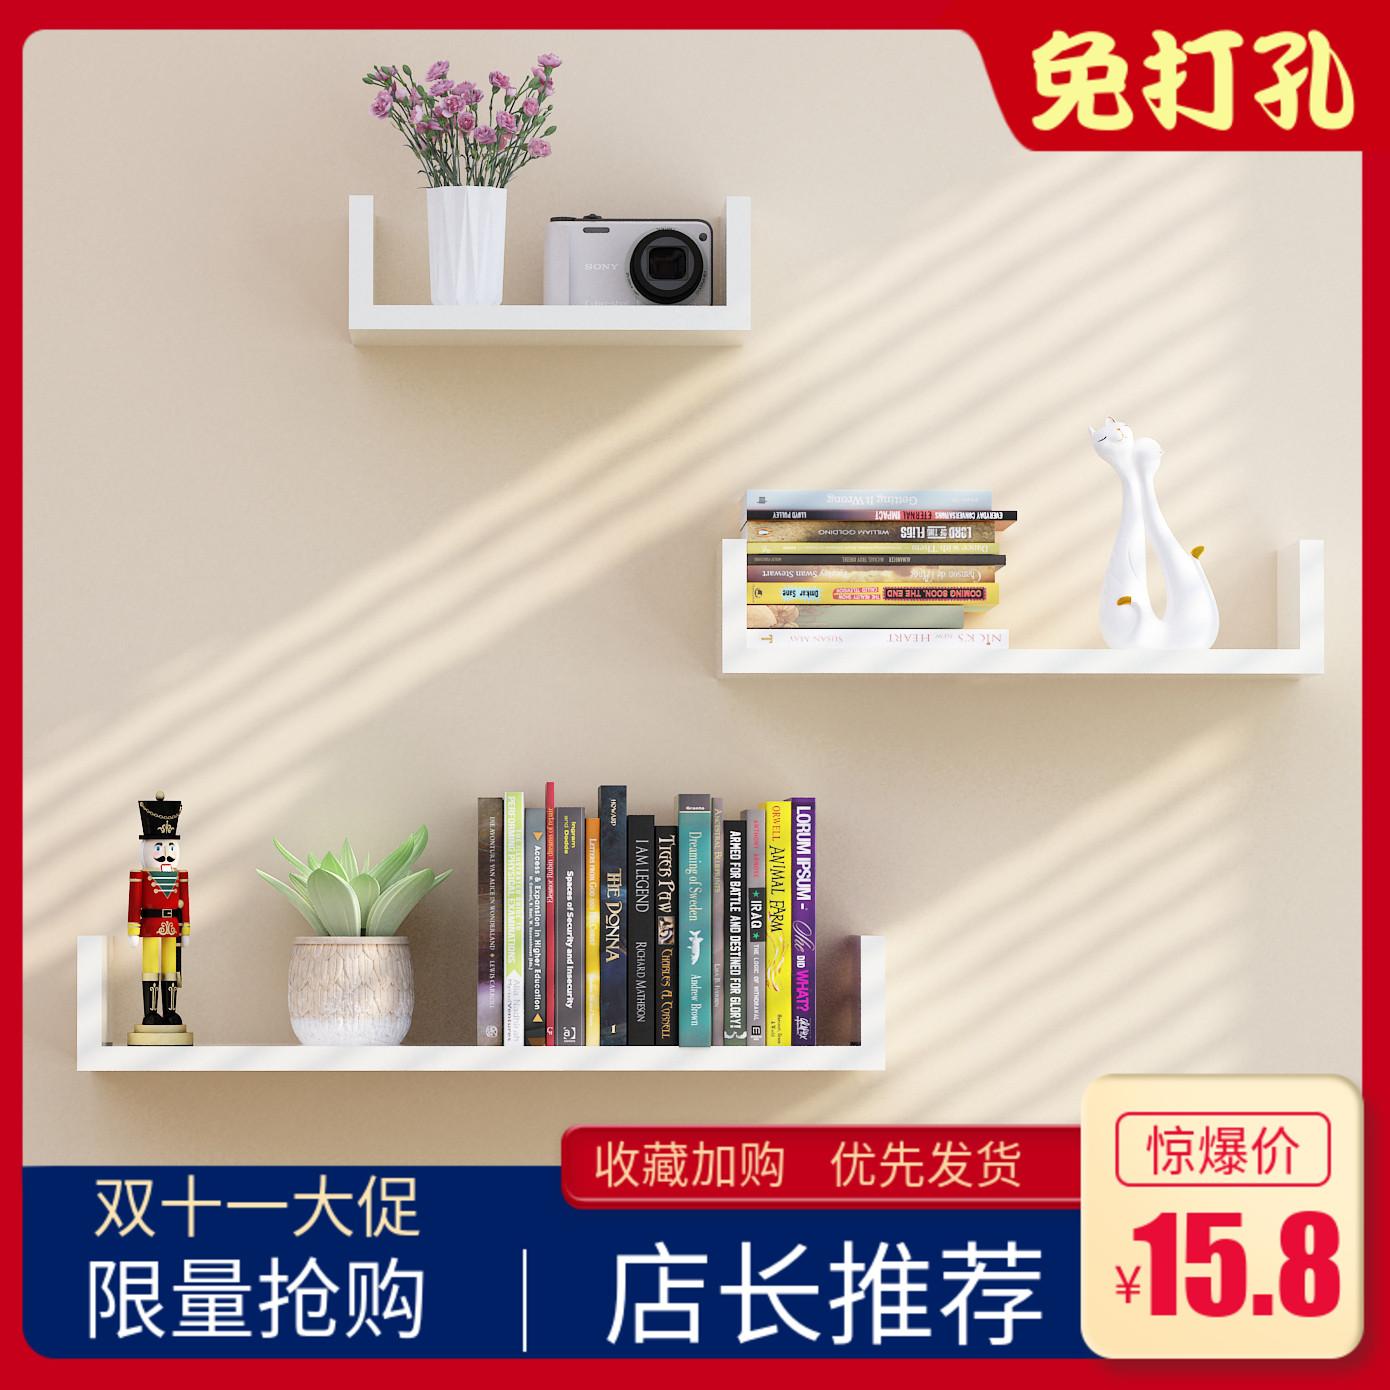 墻壁掛墻上置物架客廳墻面隔板擱板臥室書架免打孔電視背景墻裝飾